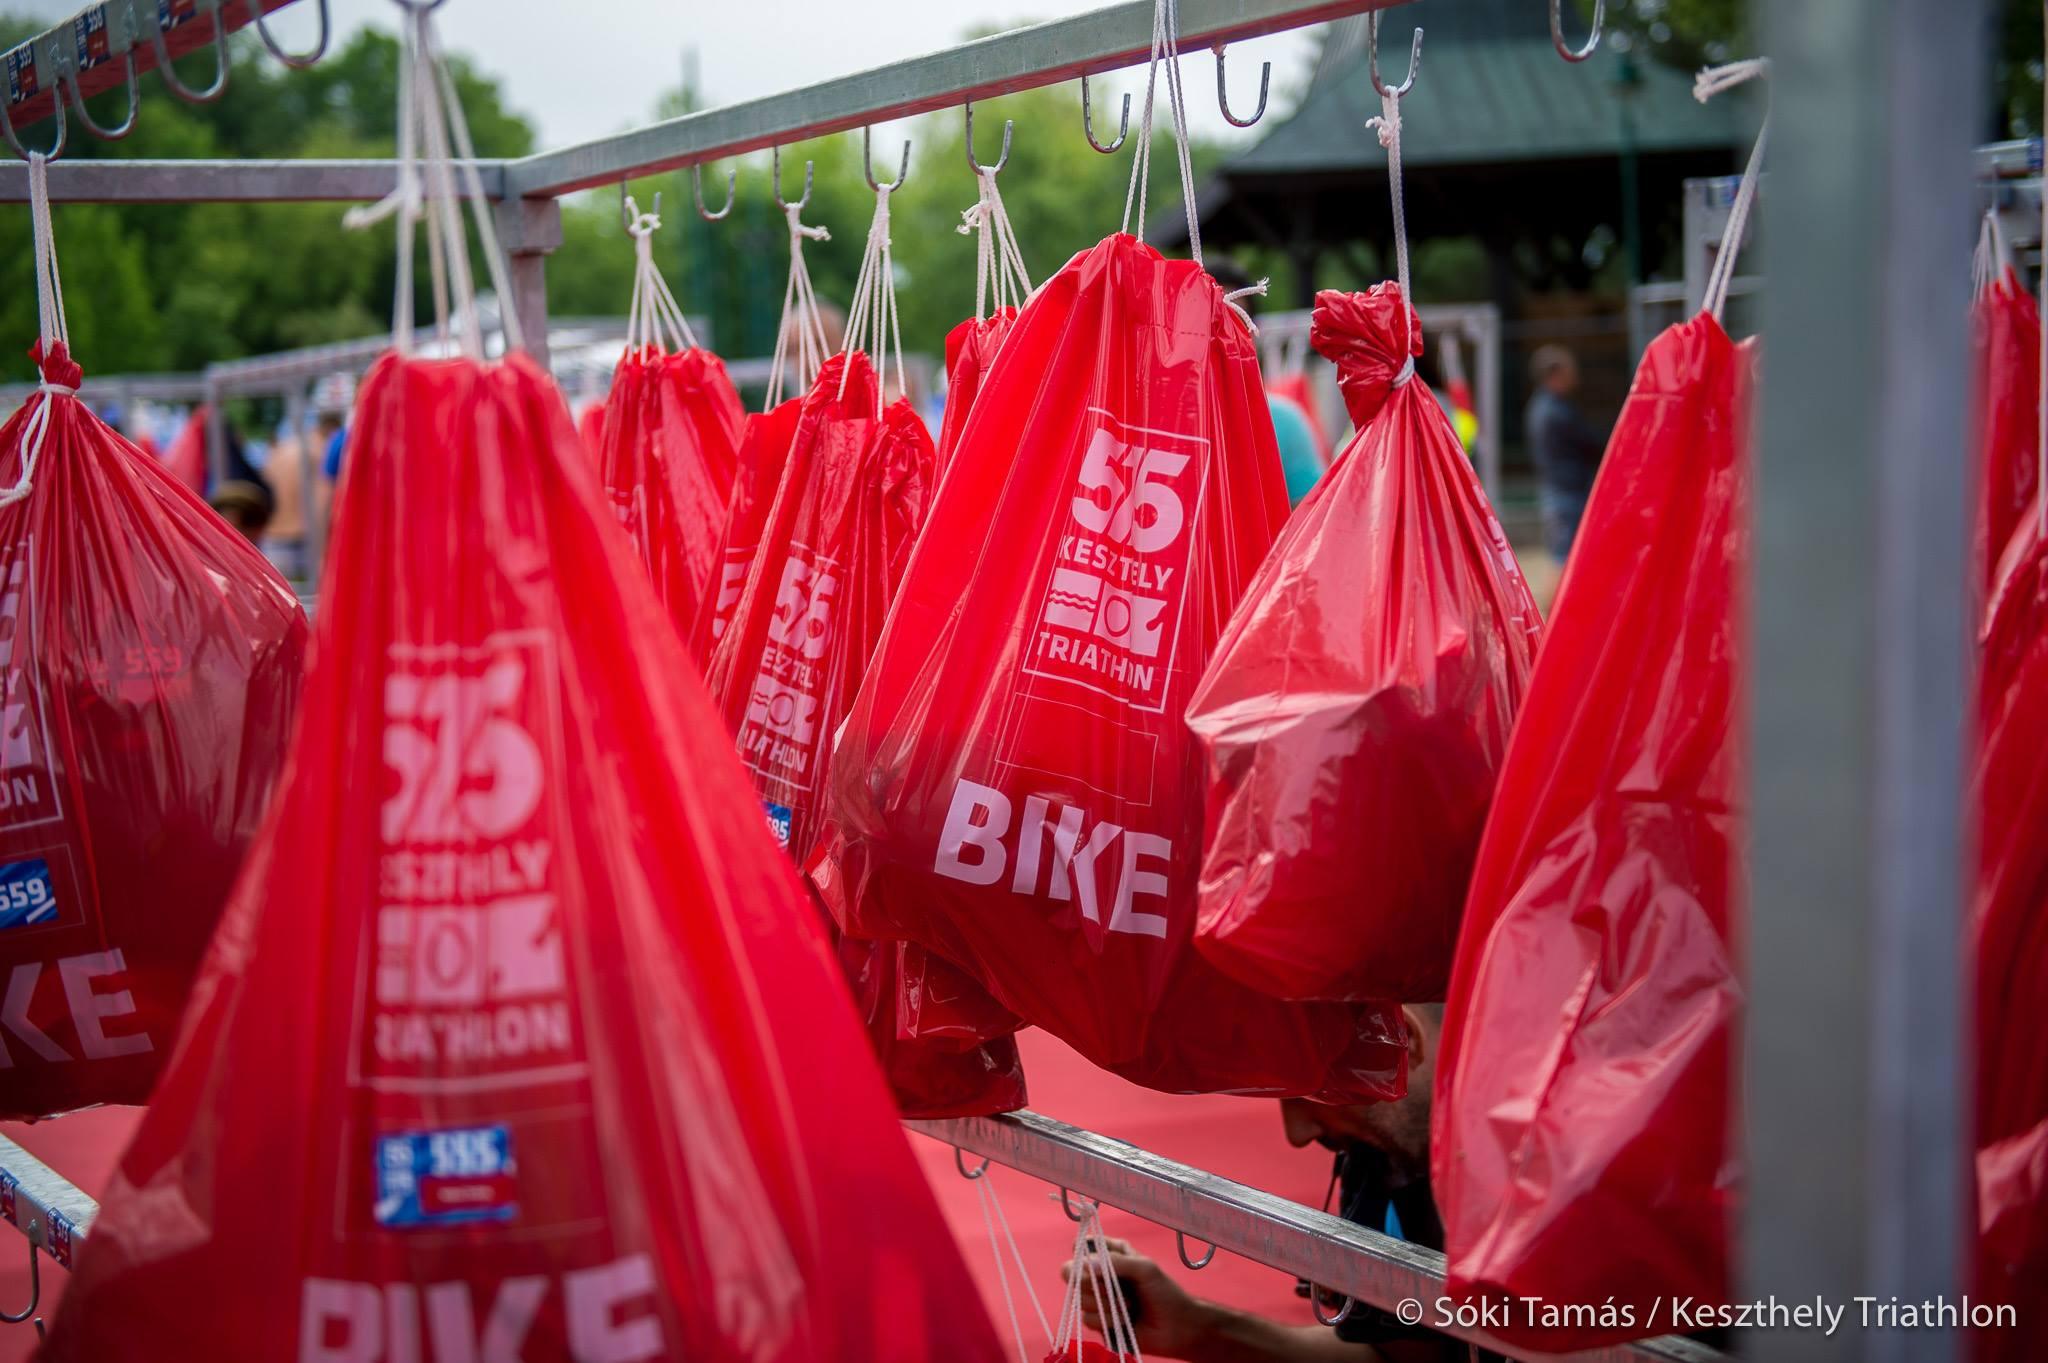 bike_bag.jpg